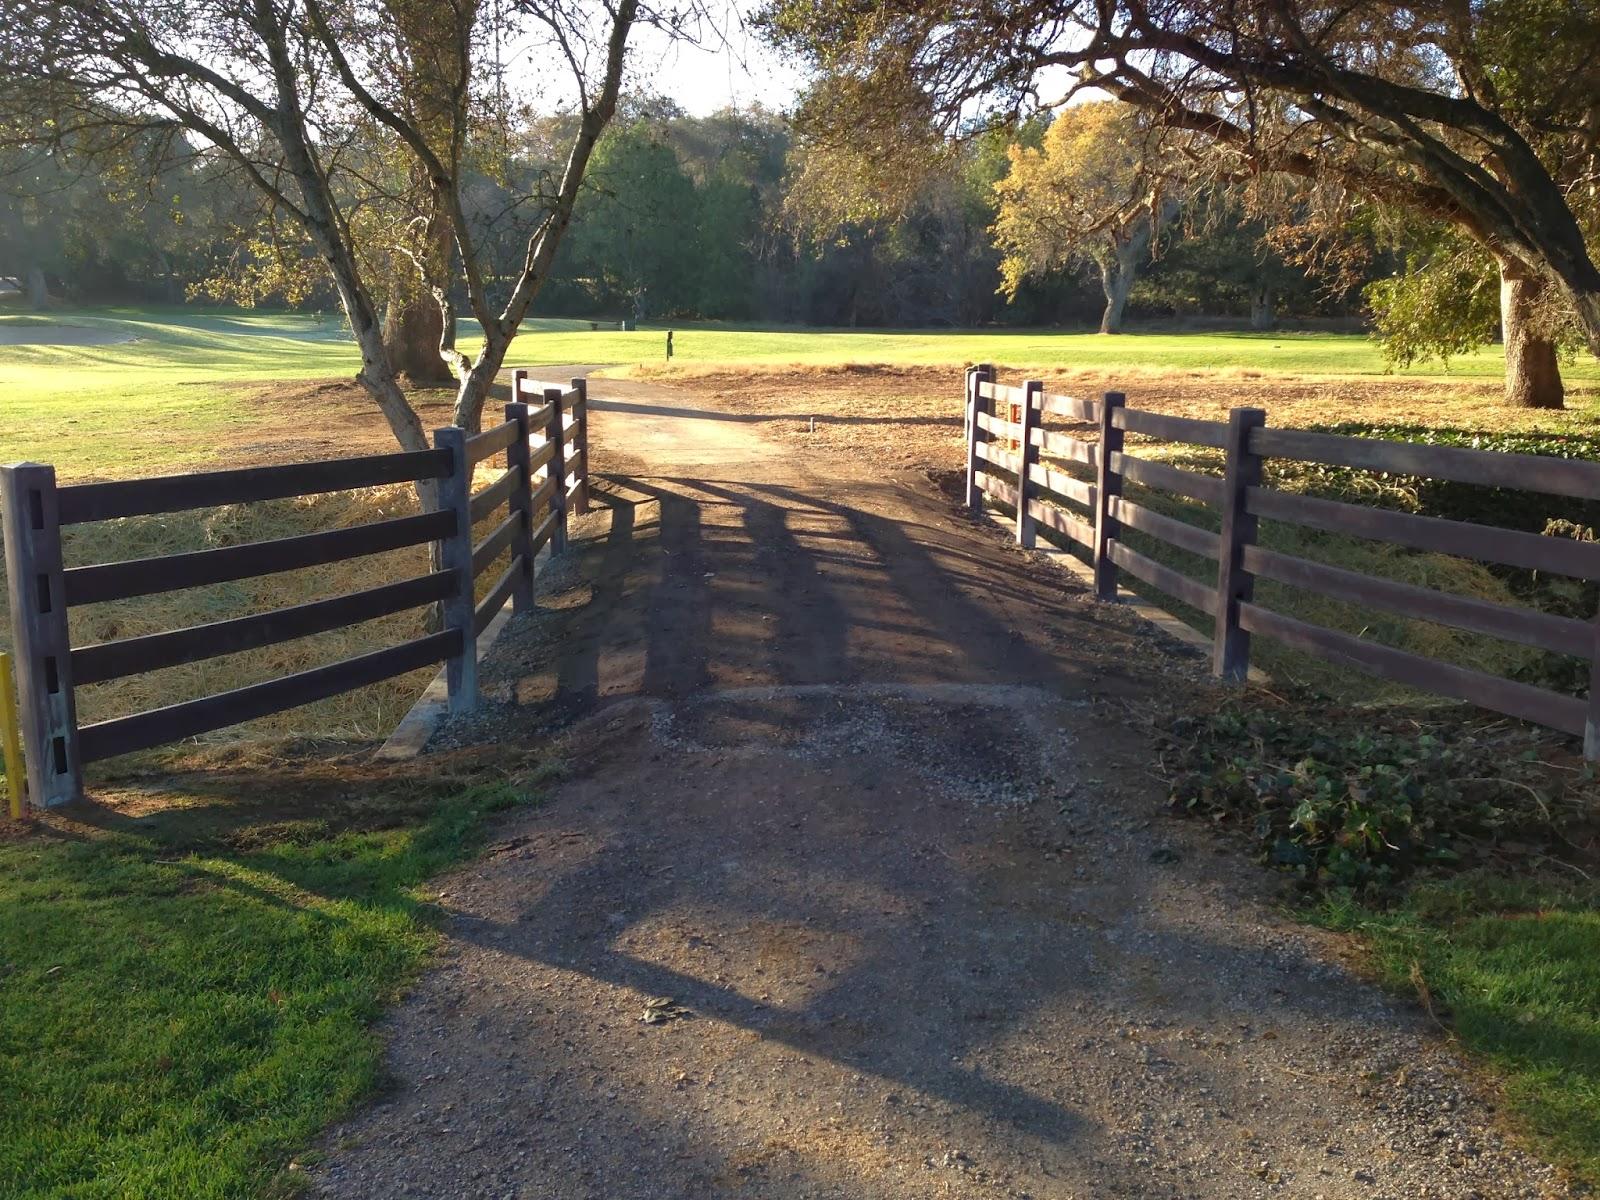 Stanford Golf Course Superintendent's Blog: Bridge/Culvert